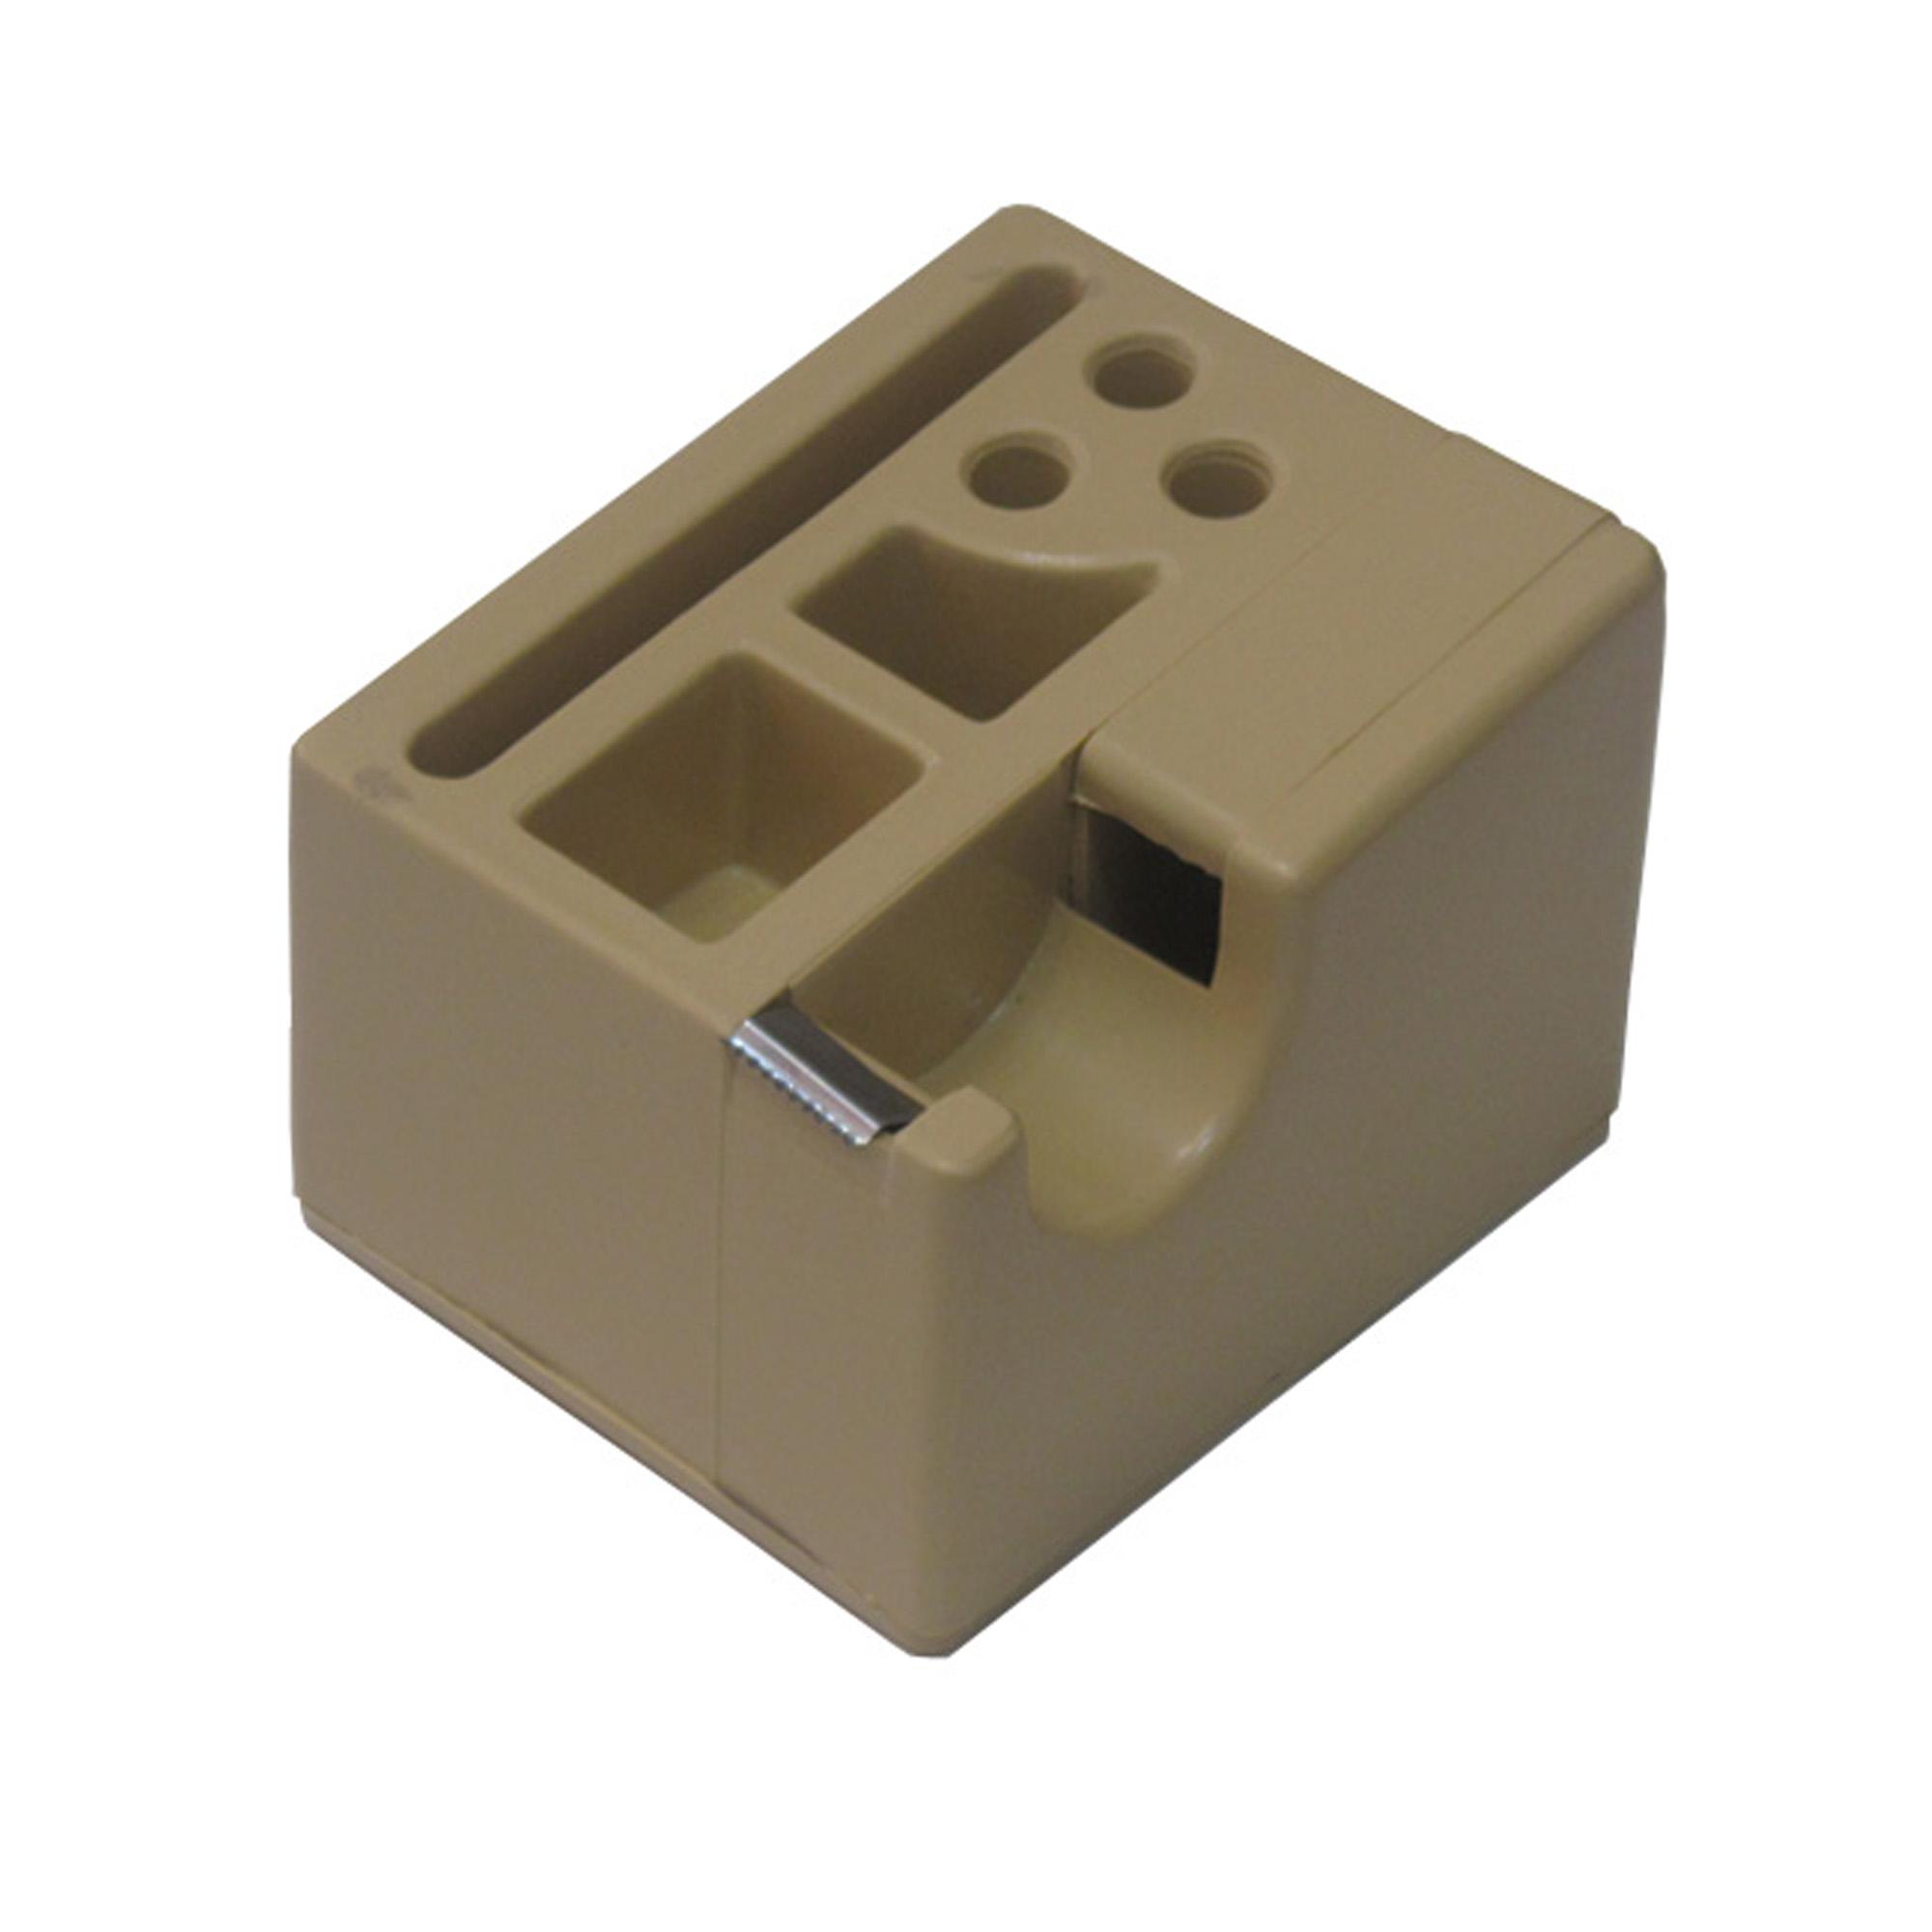 پای چسب رومیزی شاهین مدل SD 190 کد 2